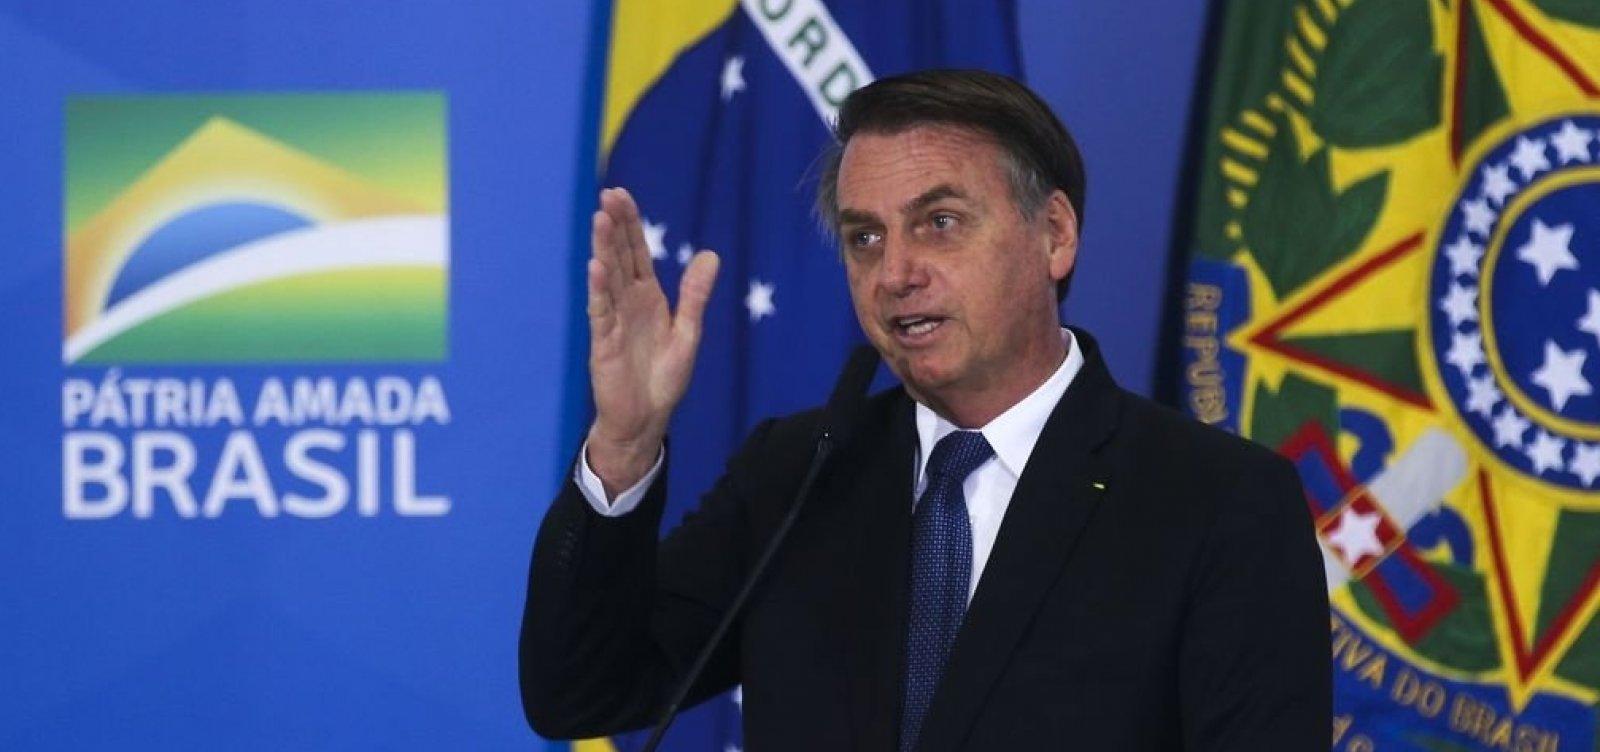 [Bolsonaro diz que avalia liberar cobrança de bagagens para aéreas de baixo custo]